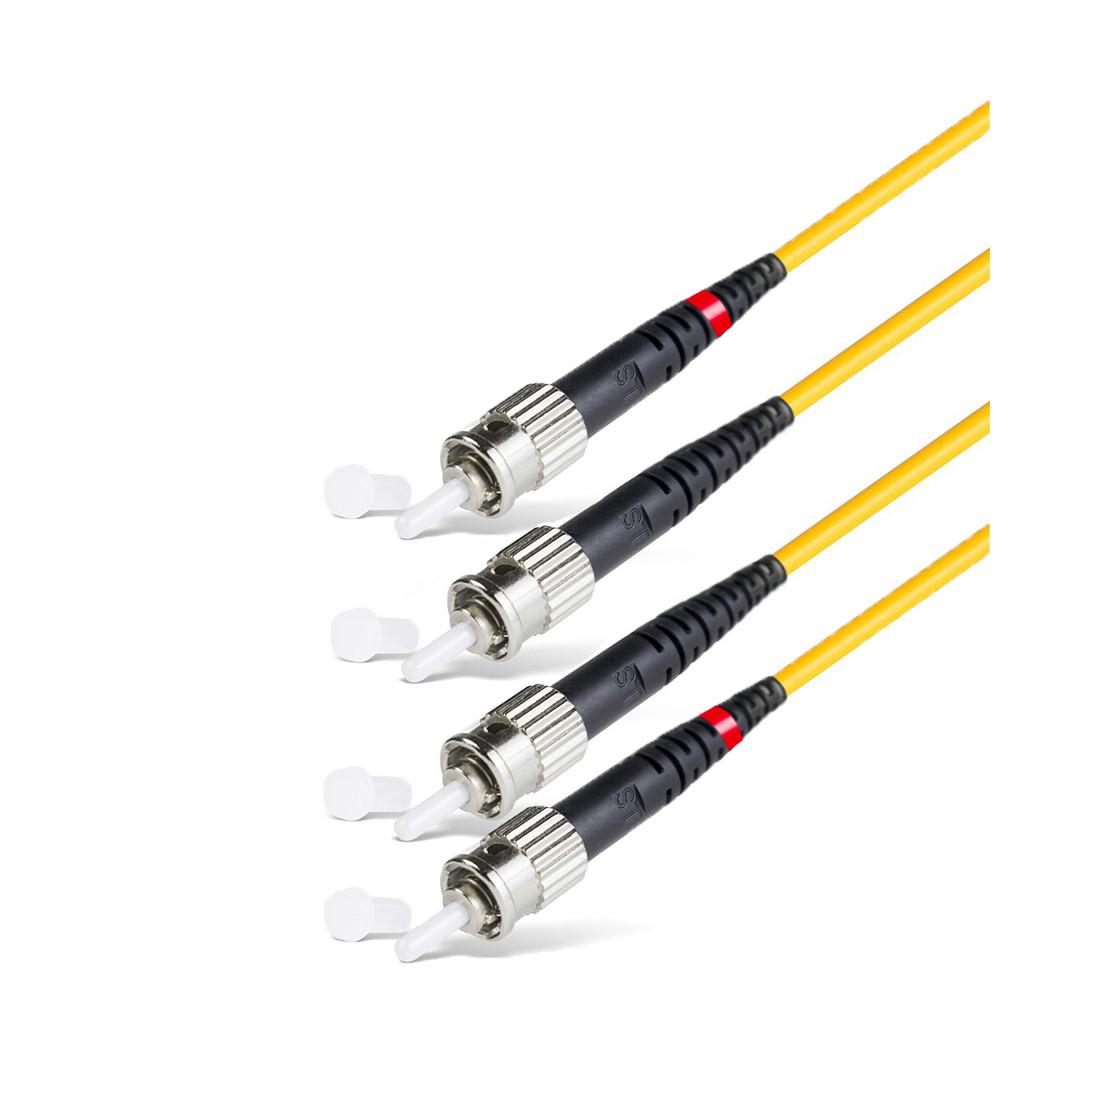 Патч Корд Оптоволоконный,, ST/UPC-ST/UPC SM 9/125 Duplex 3.0мм 3 м, Жёлтый, Пол. Пакет